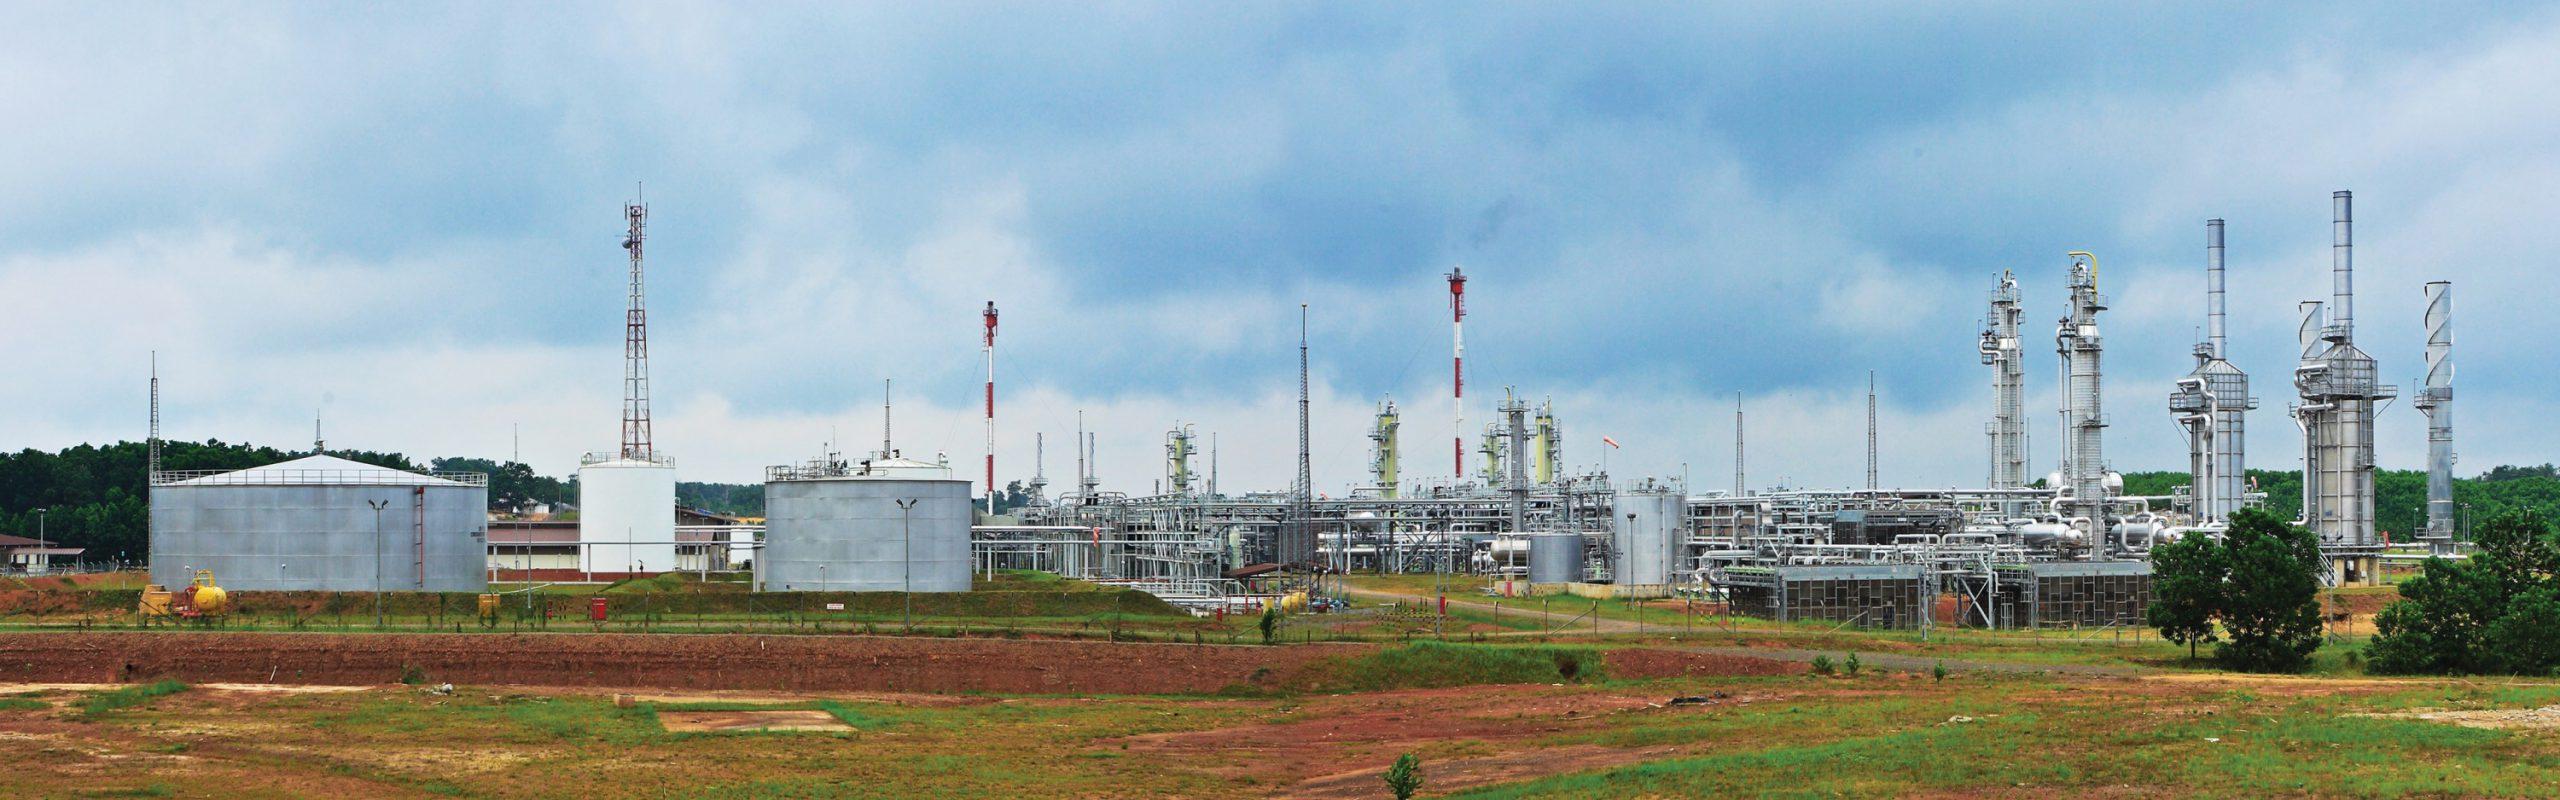 Mendix levert low-code platform voor Amerikaans olieconcern ConocoPhillips